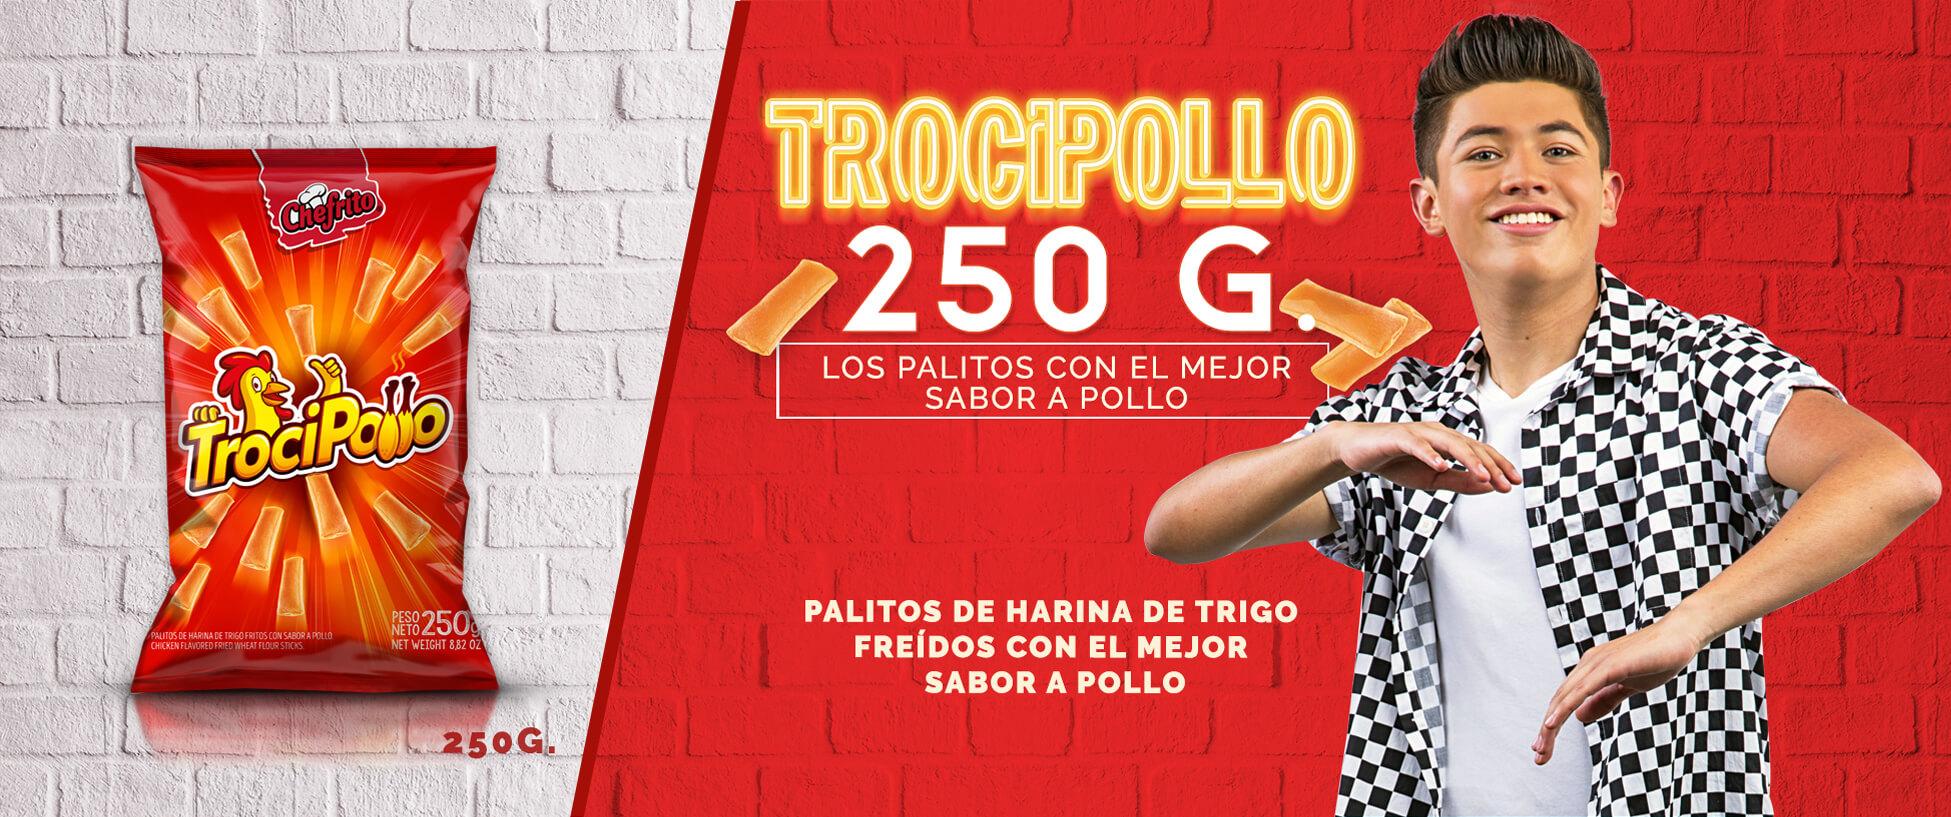 Trocipollo250